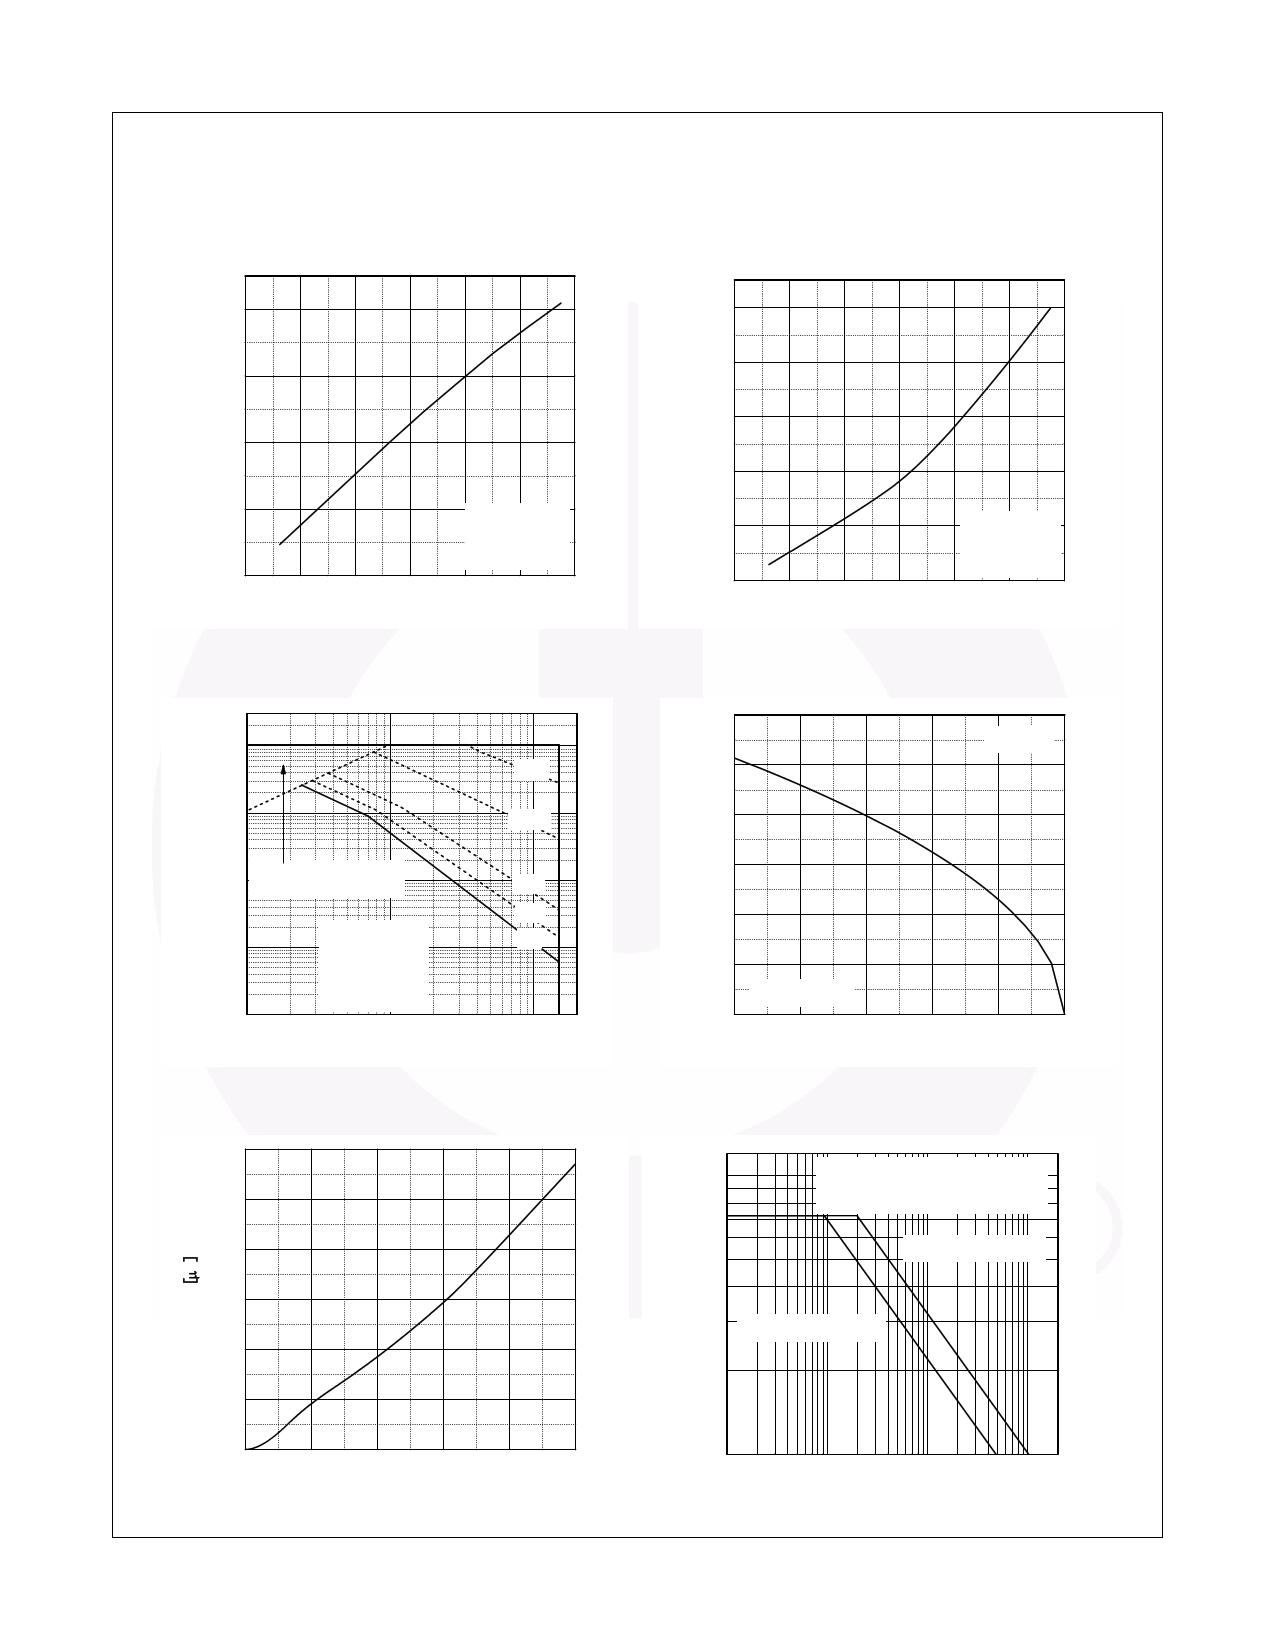 FDD390N15A pdf, 반도체, 판매, 대치품